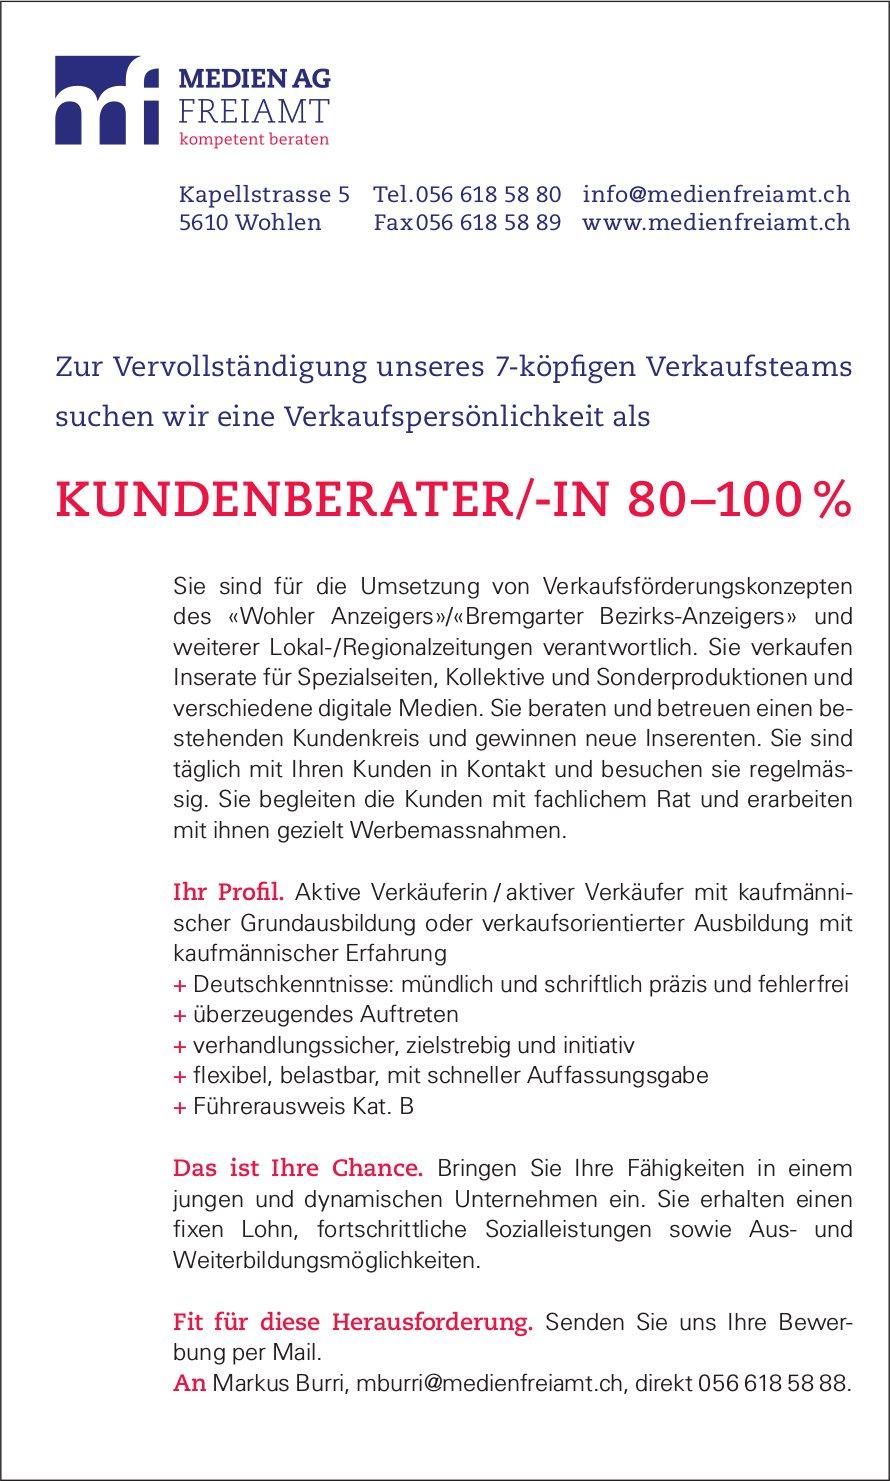 KUNDENBERATER/-IN 80–100 % BEI MEDIEN AG FREIAMT GESUCHT